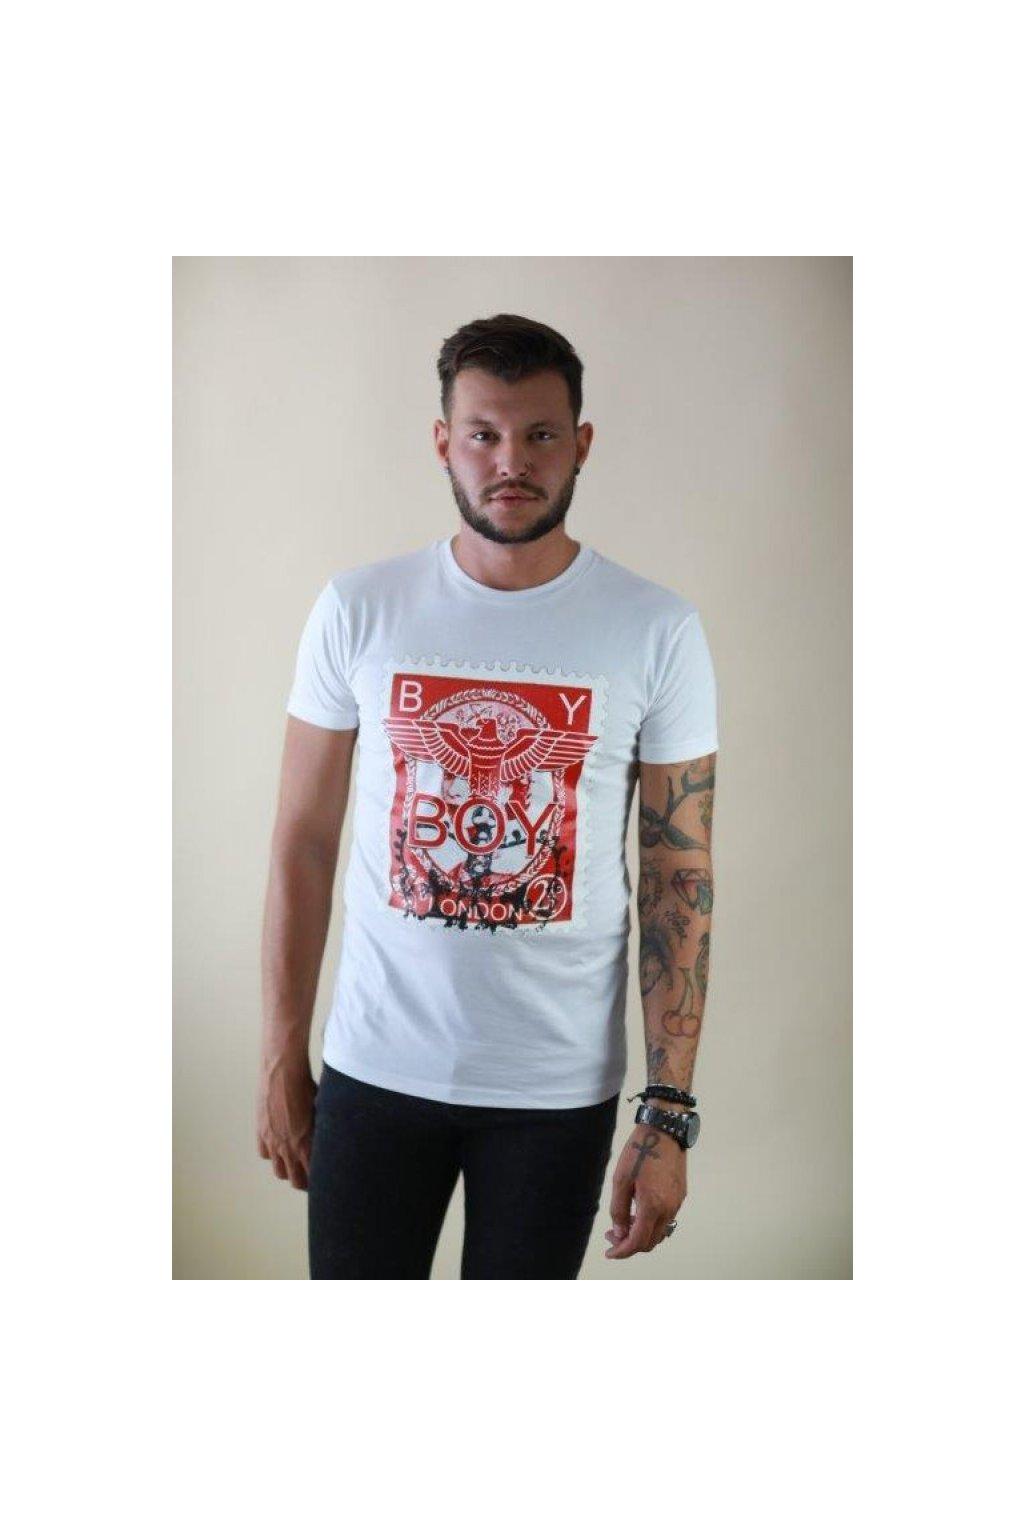 Tričko Boy London - bílé s červenou známkou (Velikost Velikost XL)